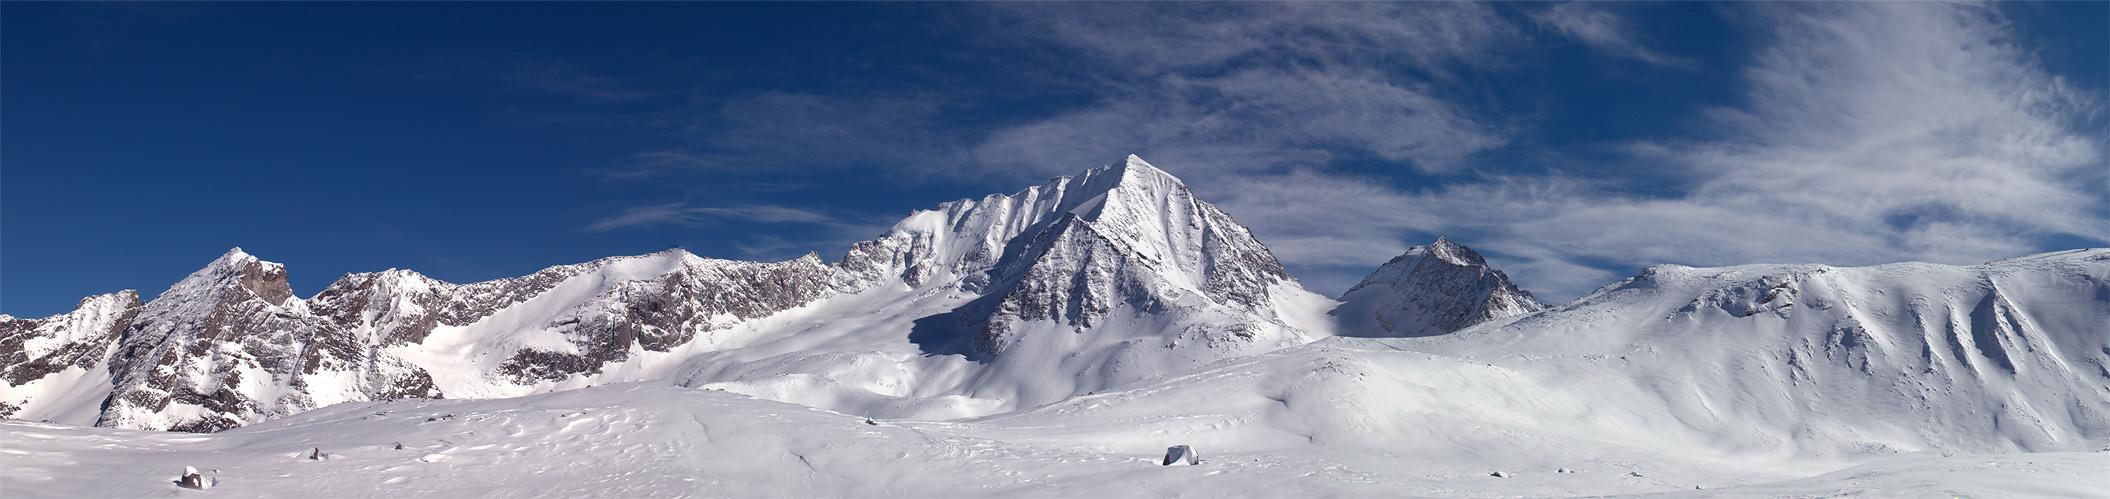 ... Hochgall - 3436 m ... Rieserfernergruppe - Südtirol